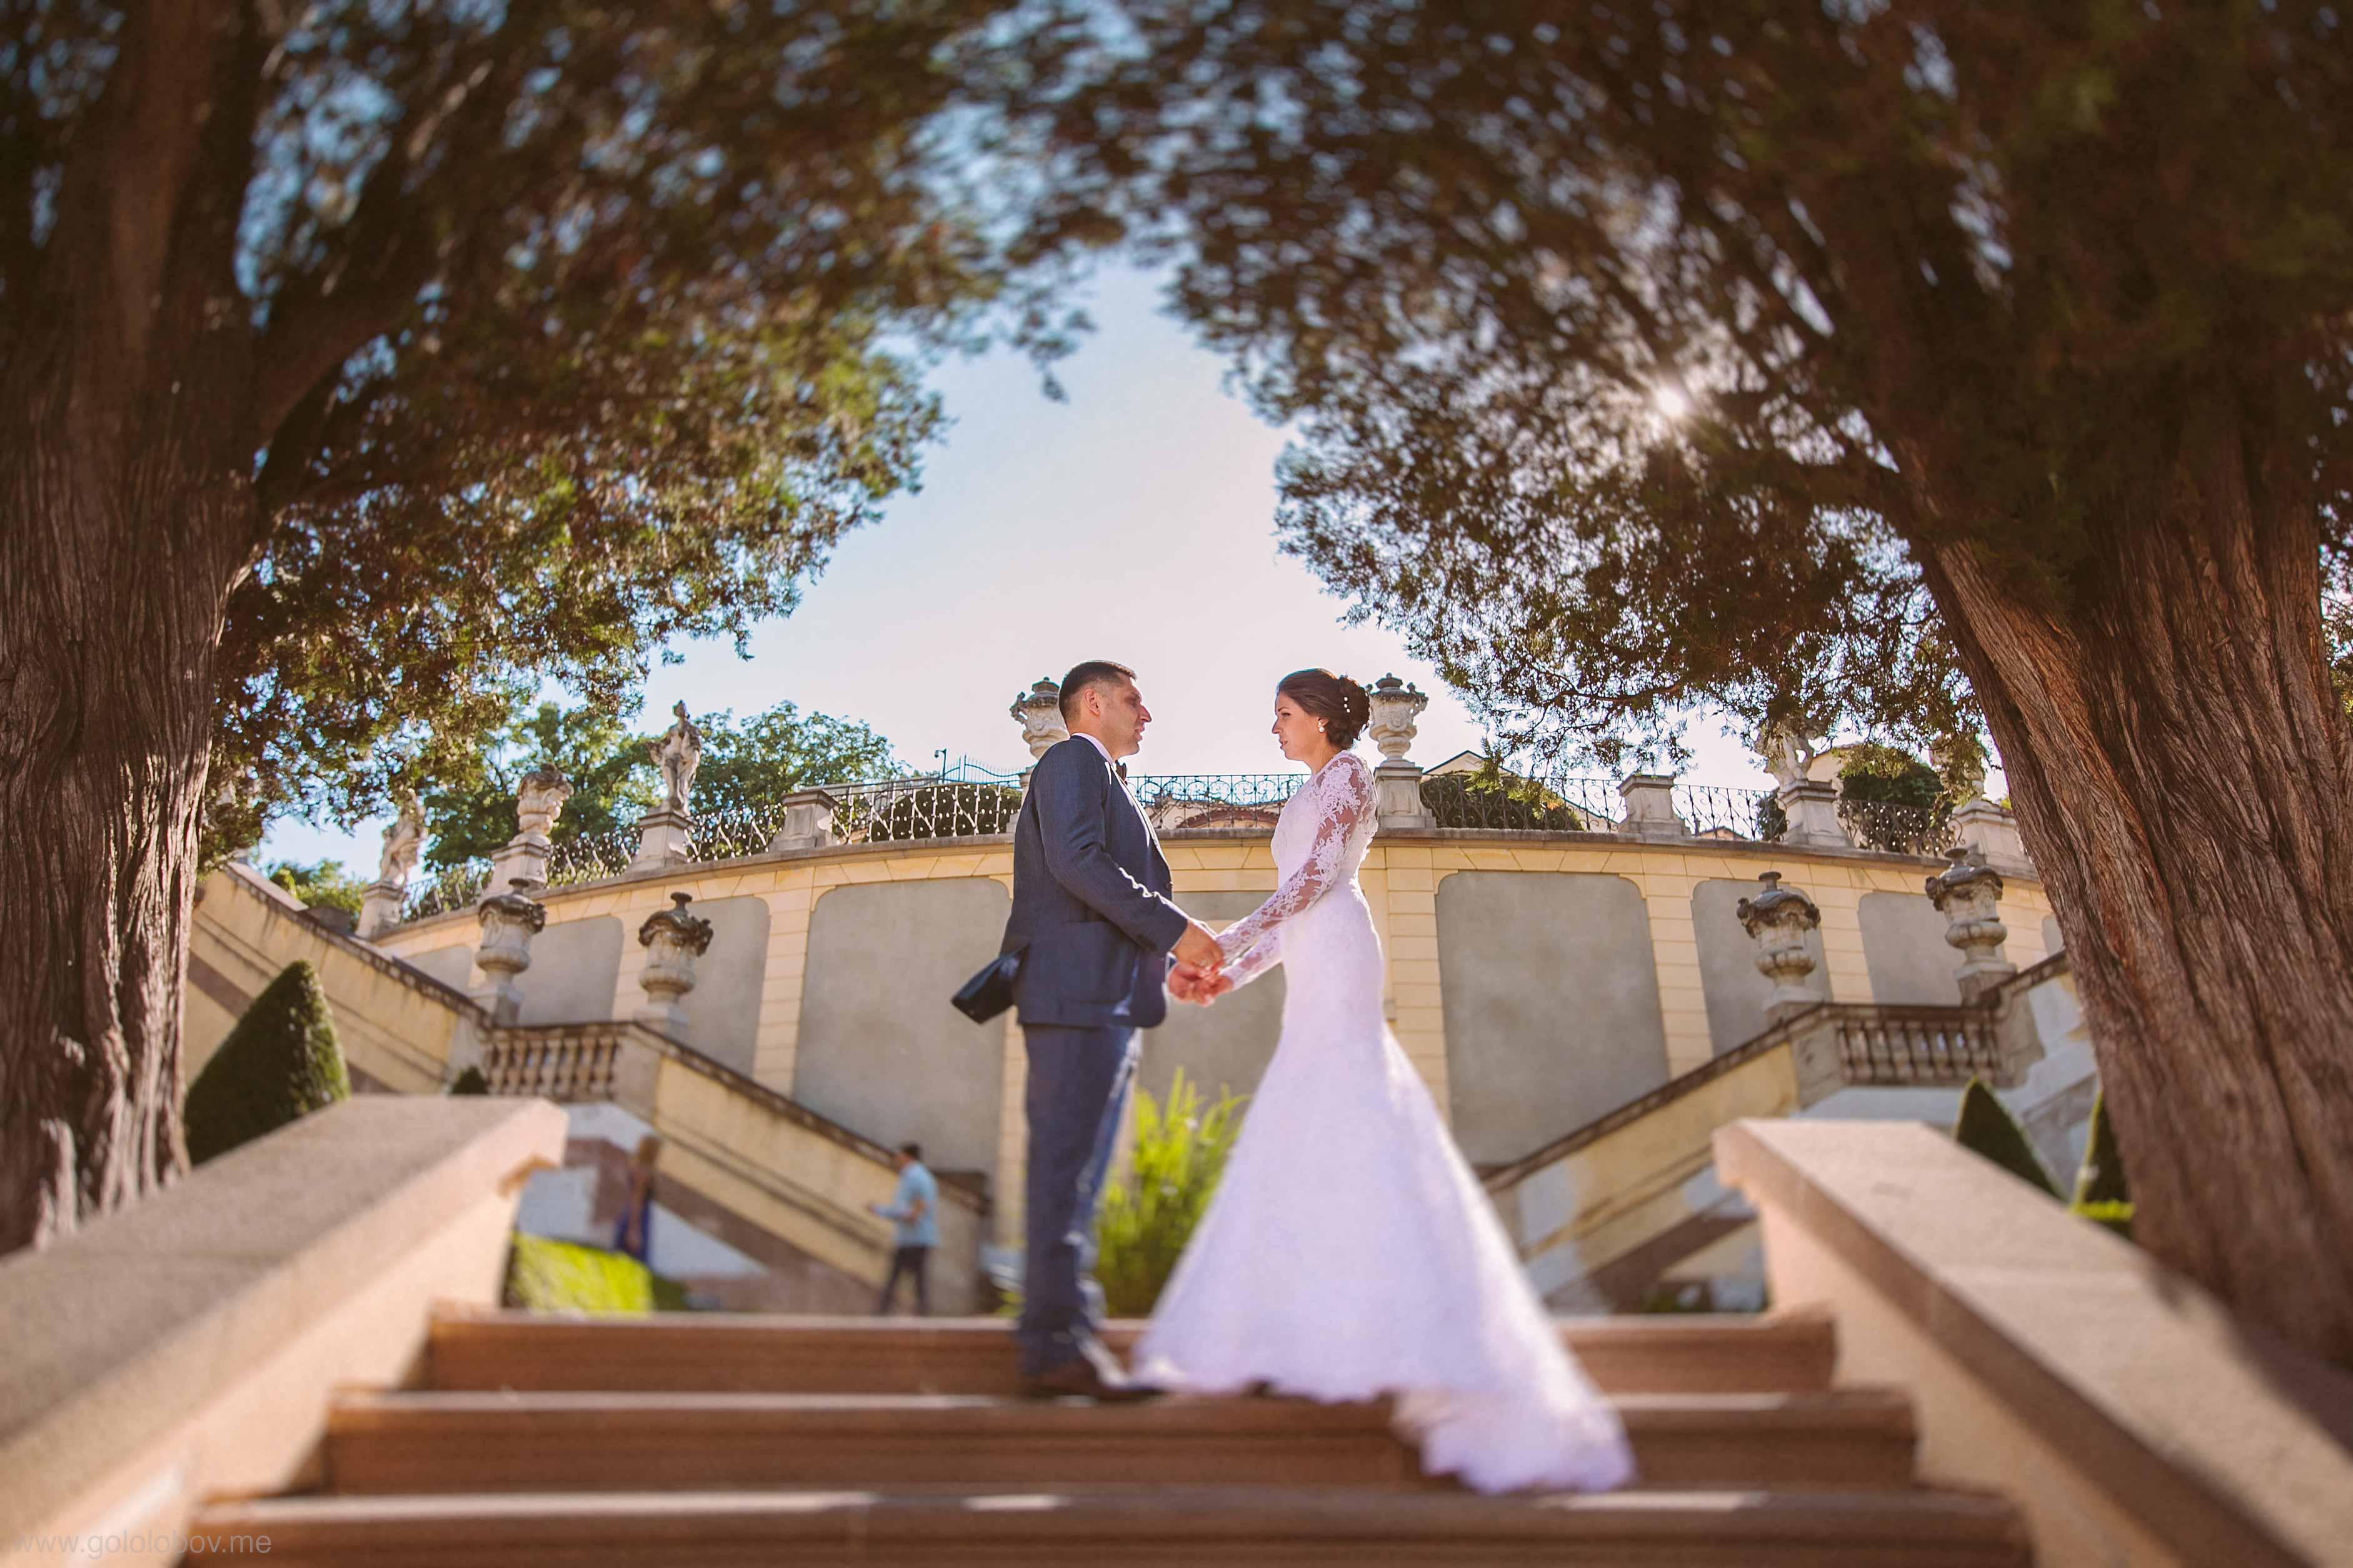 Где модно отмечать свадьбу — свадебные тенденции 2015 - фото Где модно отмечать свадьбу — свадебные тенденции 2015 №5986